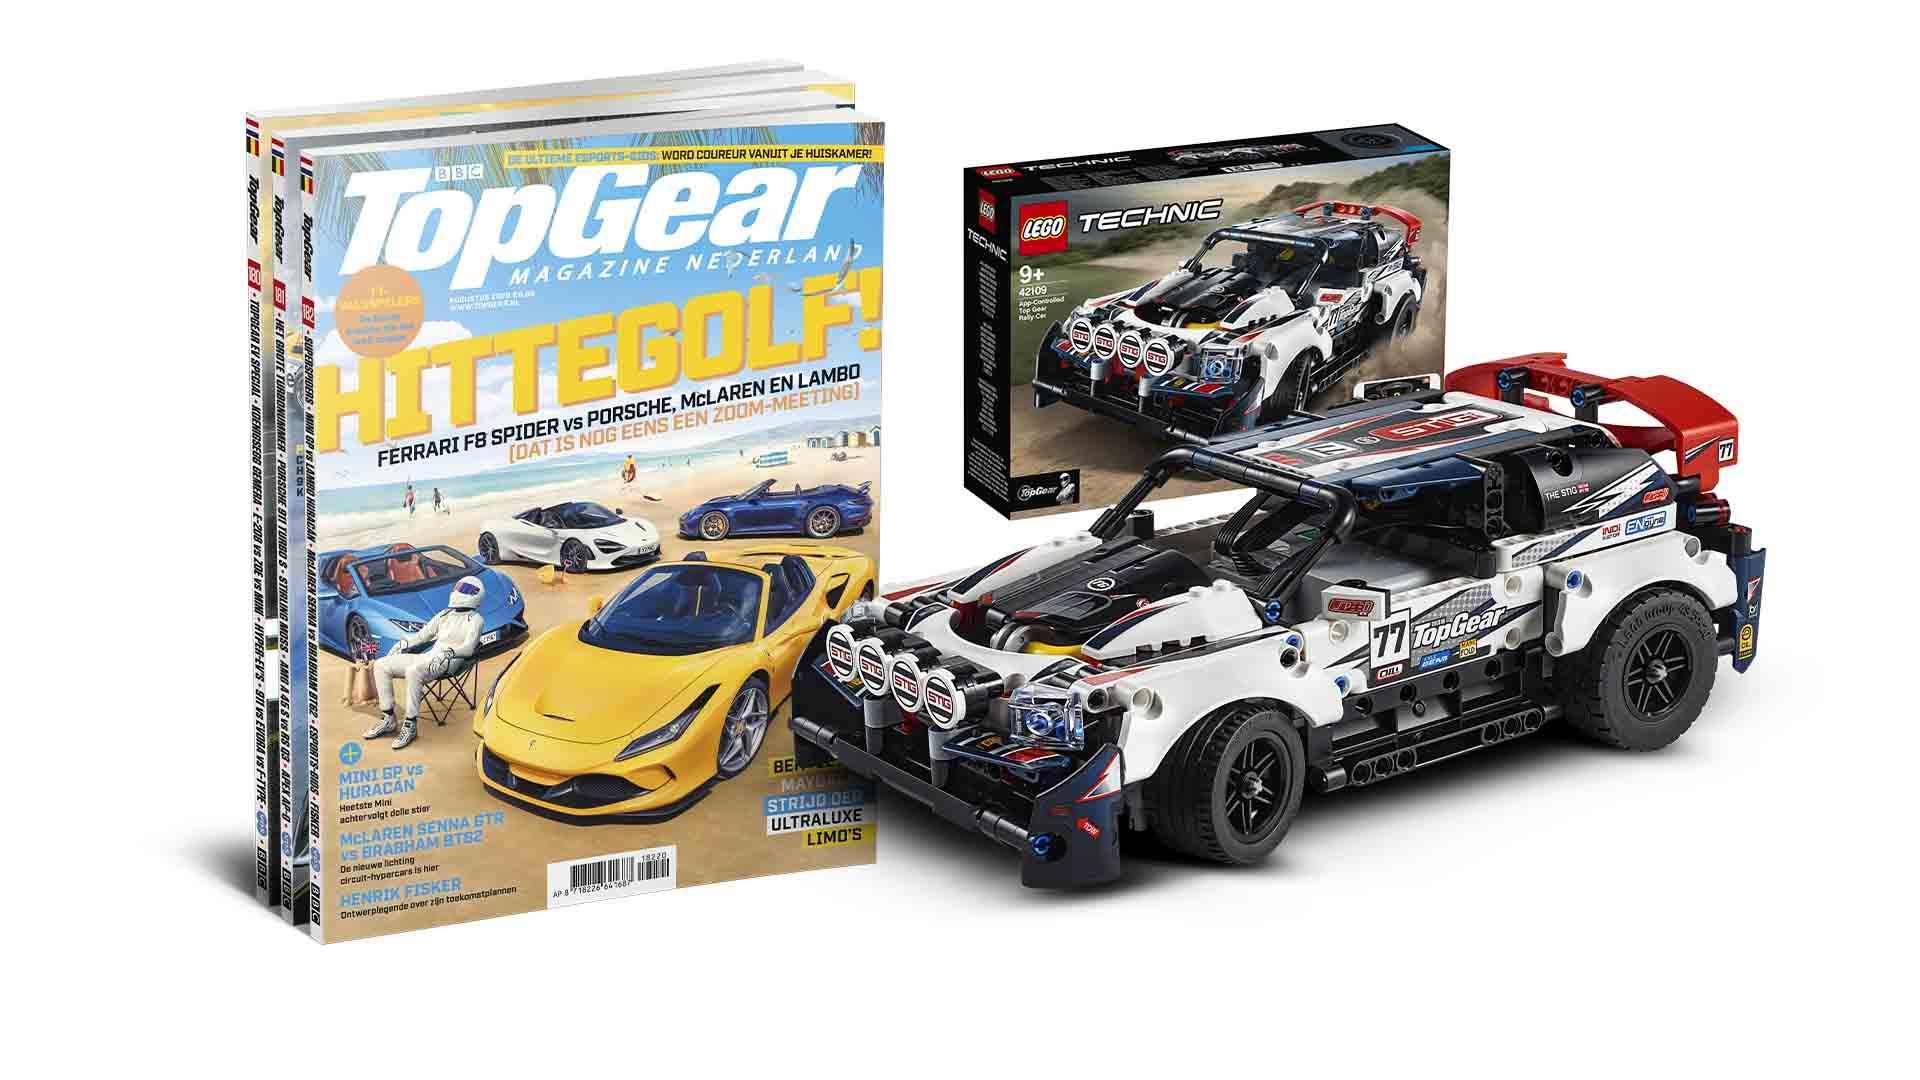 Lego TopGear Rally auto + 1 jaar TopGear Magazine